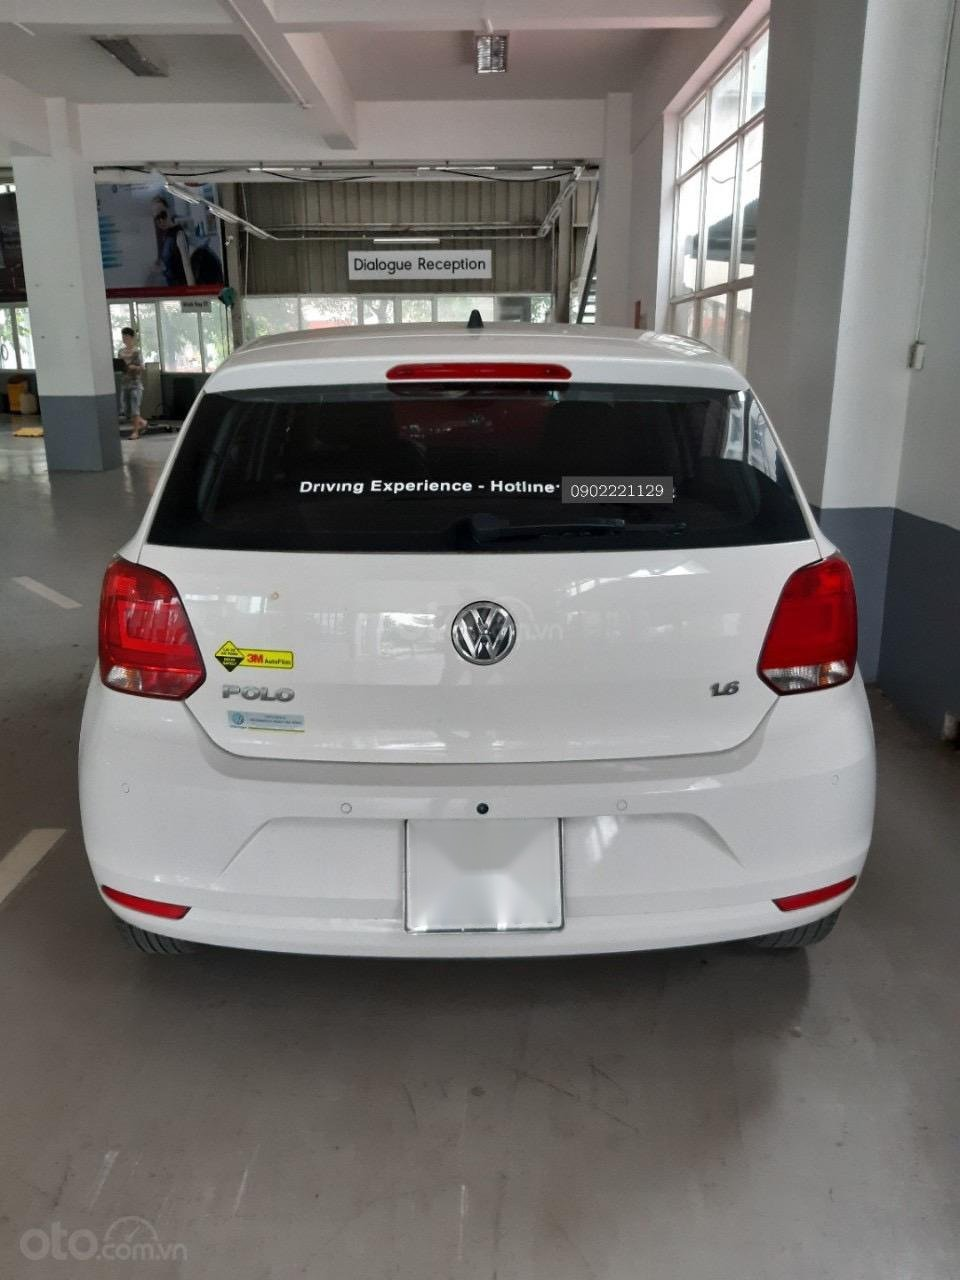 Bán xe Volkswagen Polo màu trắng, đăng kí 2017 (3)